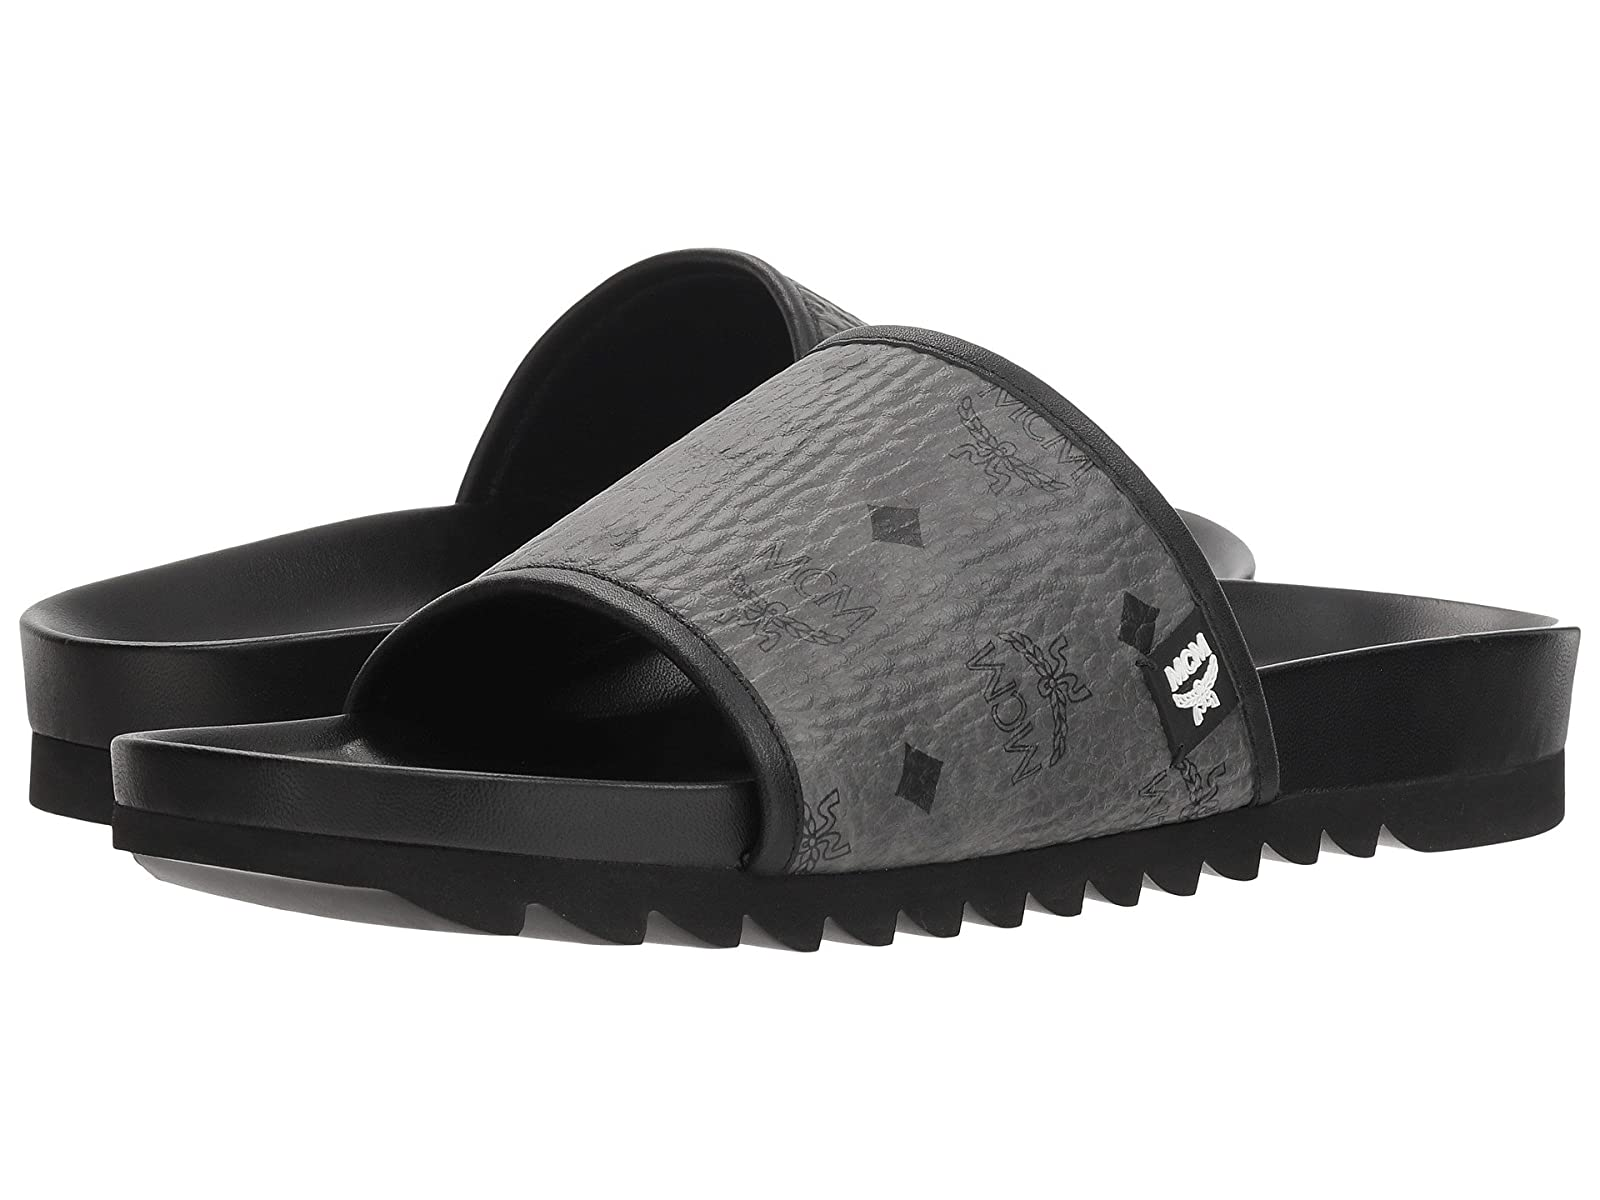 MCM Visetos Slide SandalAtmospheric grades have affordable shoes